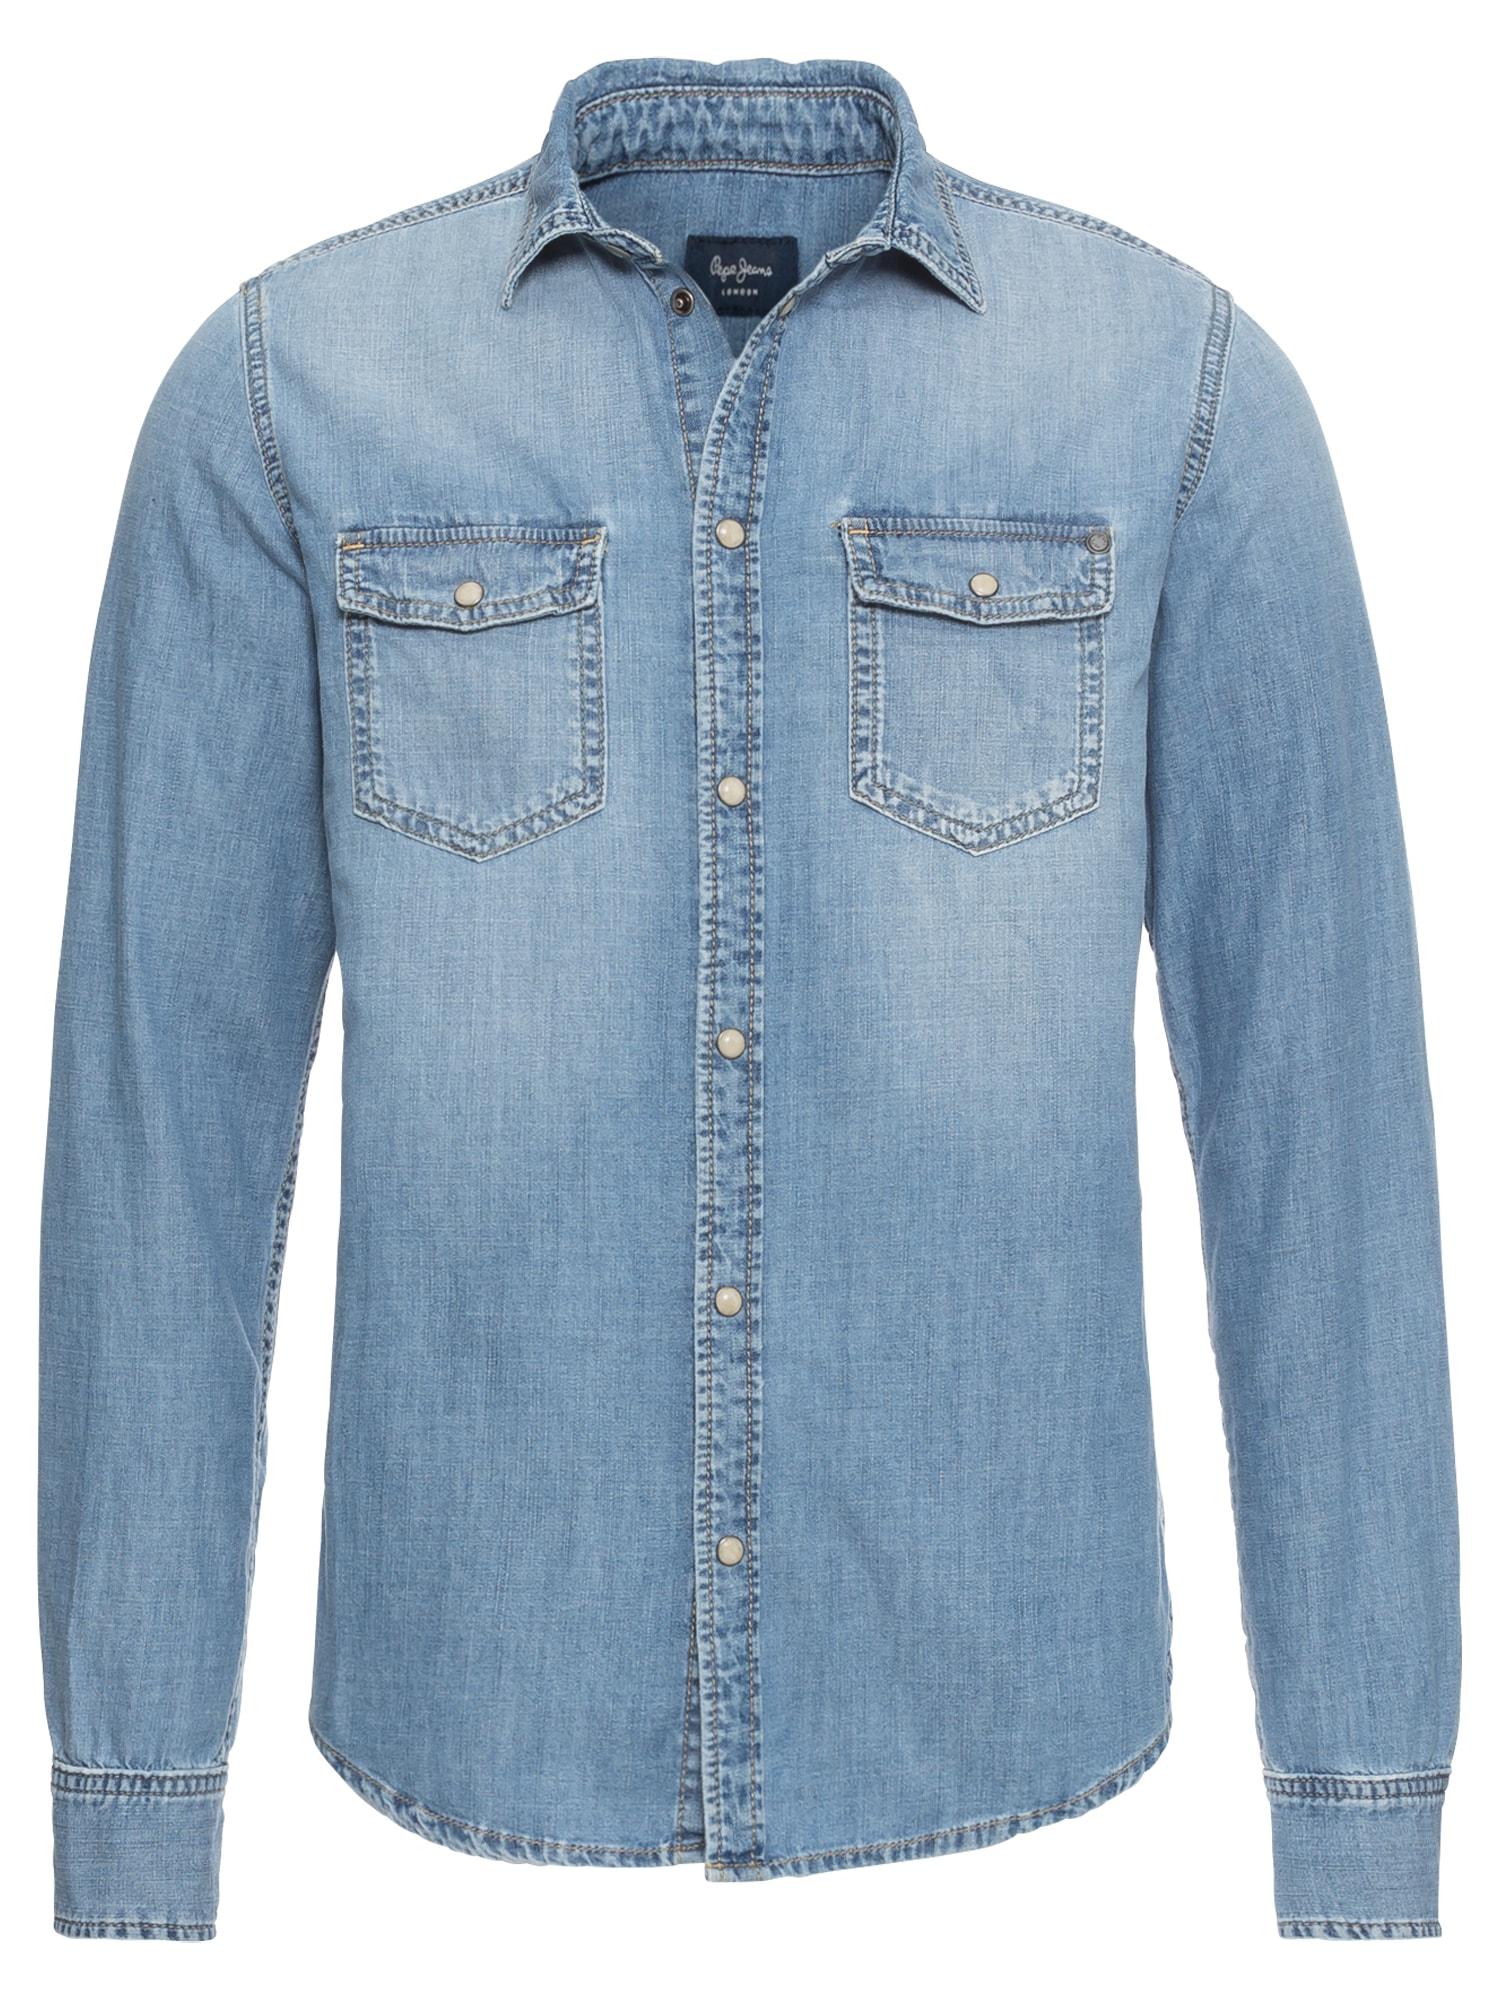 Pepe Jeans Heren Overhemd HAMMOND blue denim